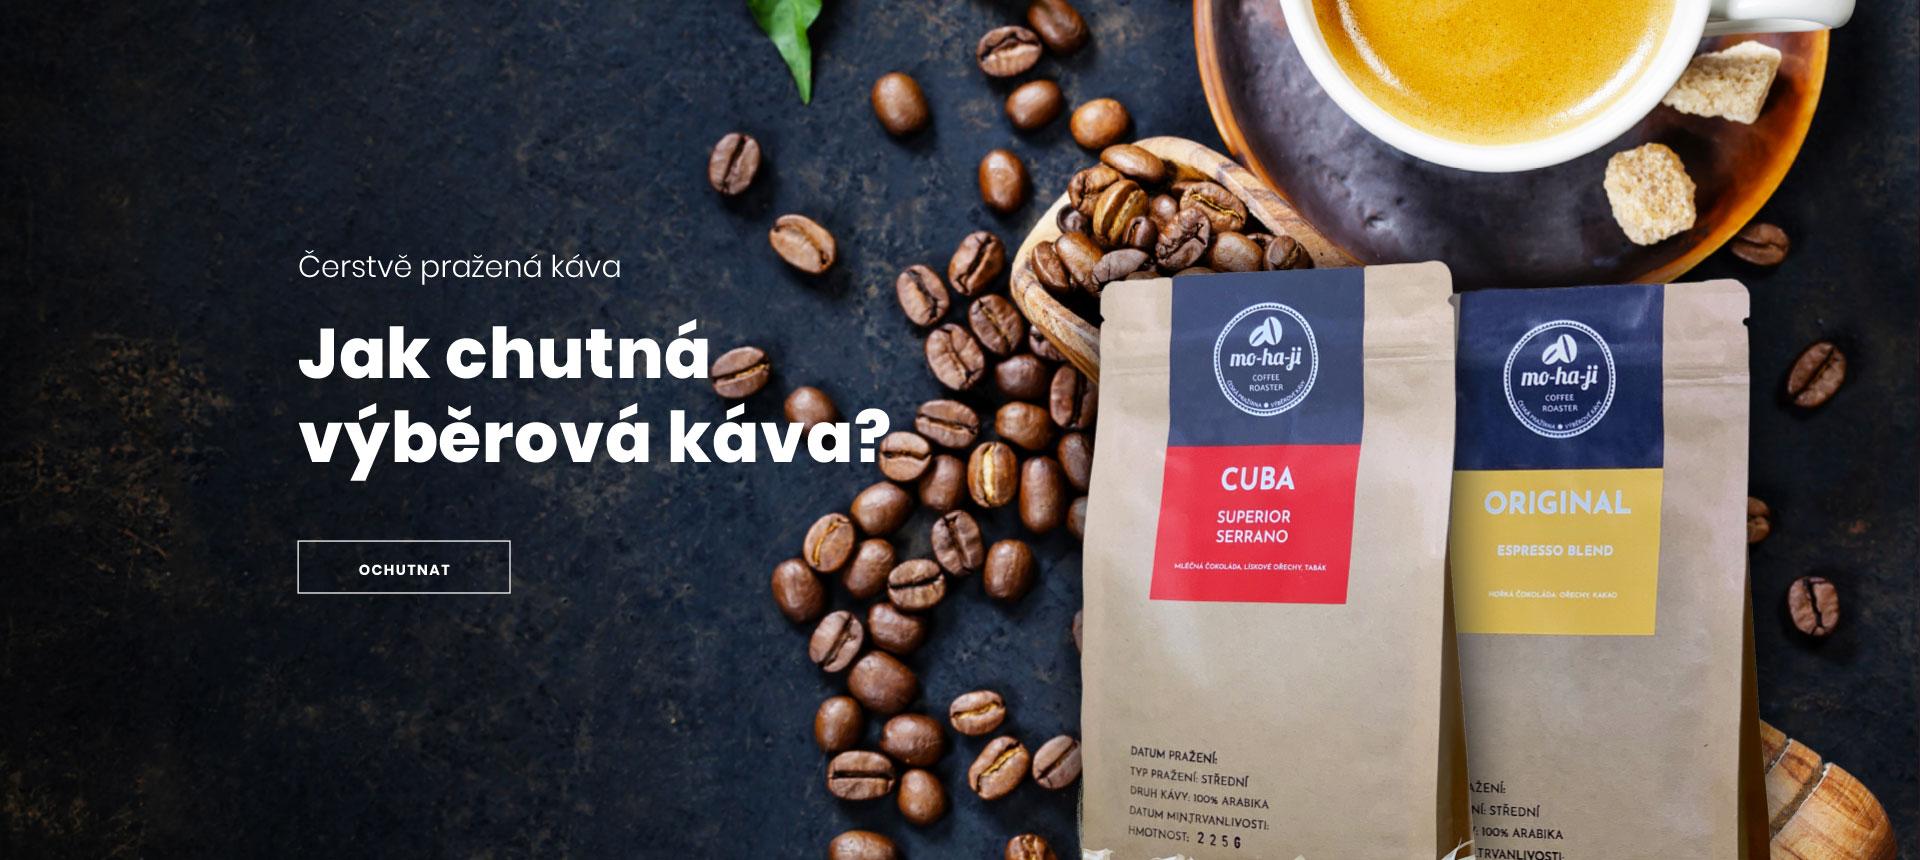 Čerstvě pražená káva. Jak chutná čerstvá káva?